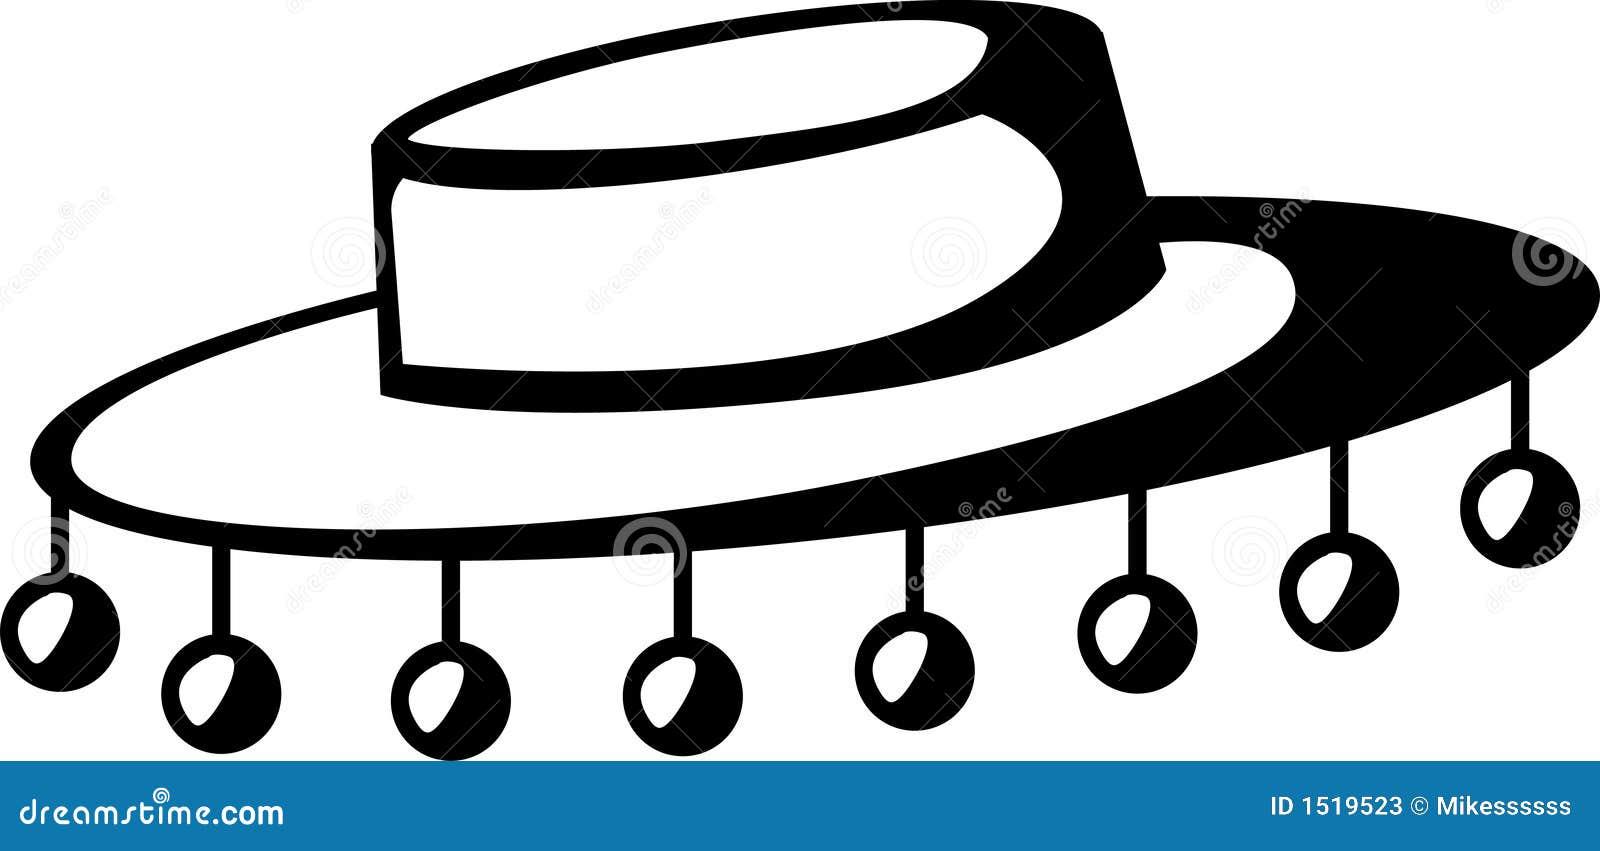 Sombrero Clip Art Black And White Ilustraci amp243n De Un Sombrero